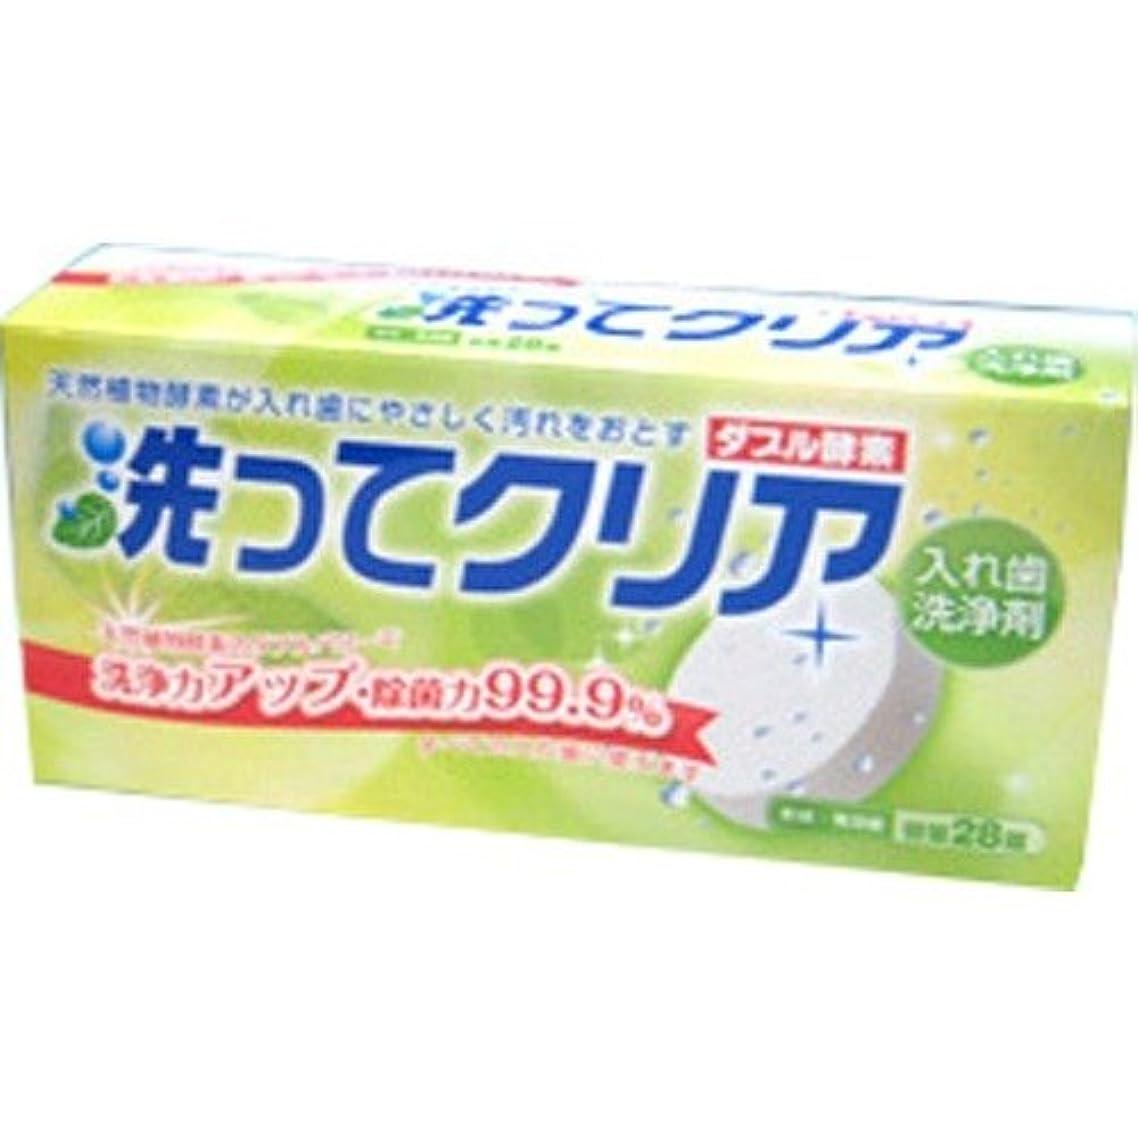 やけどウィンク動機東伸洋行株式会社 洗ってクリア ダブル酵素 28錠 入れ歯洗浄剤